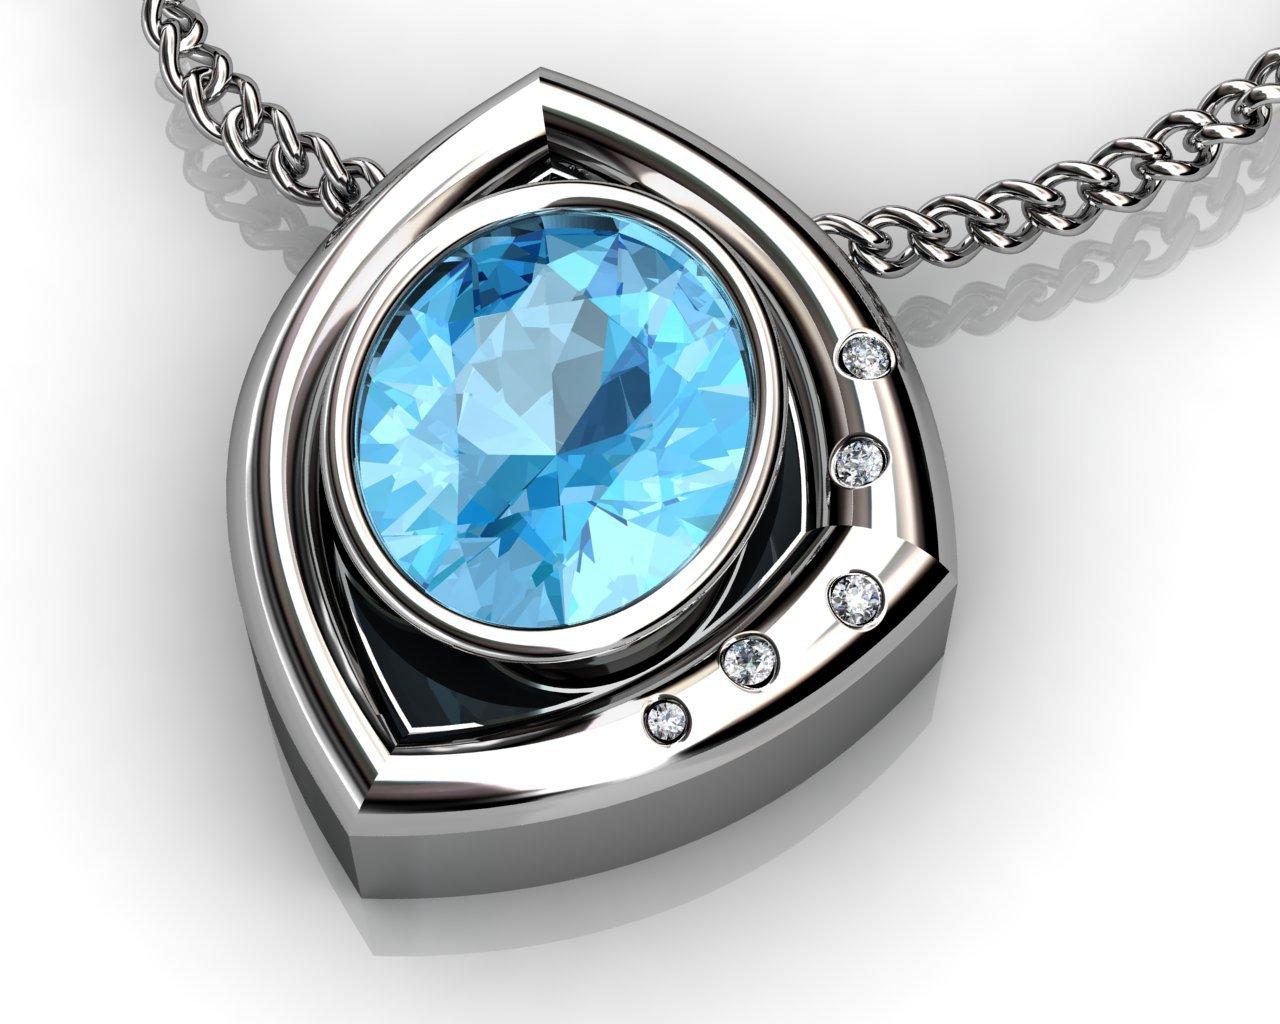 Smykke produsert av Jewellers of Norway